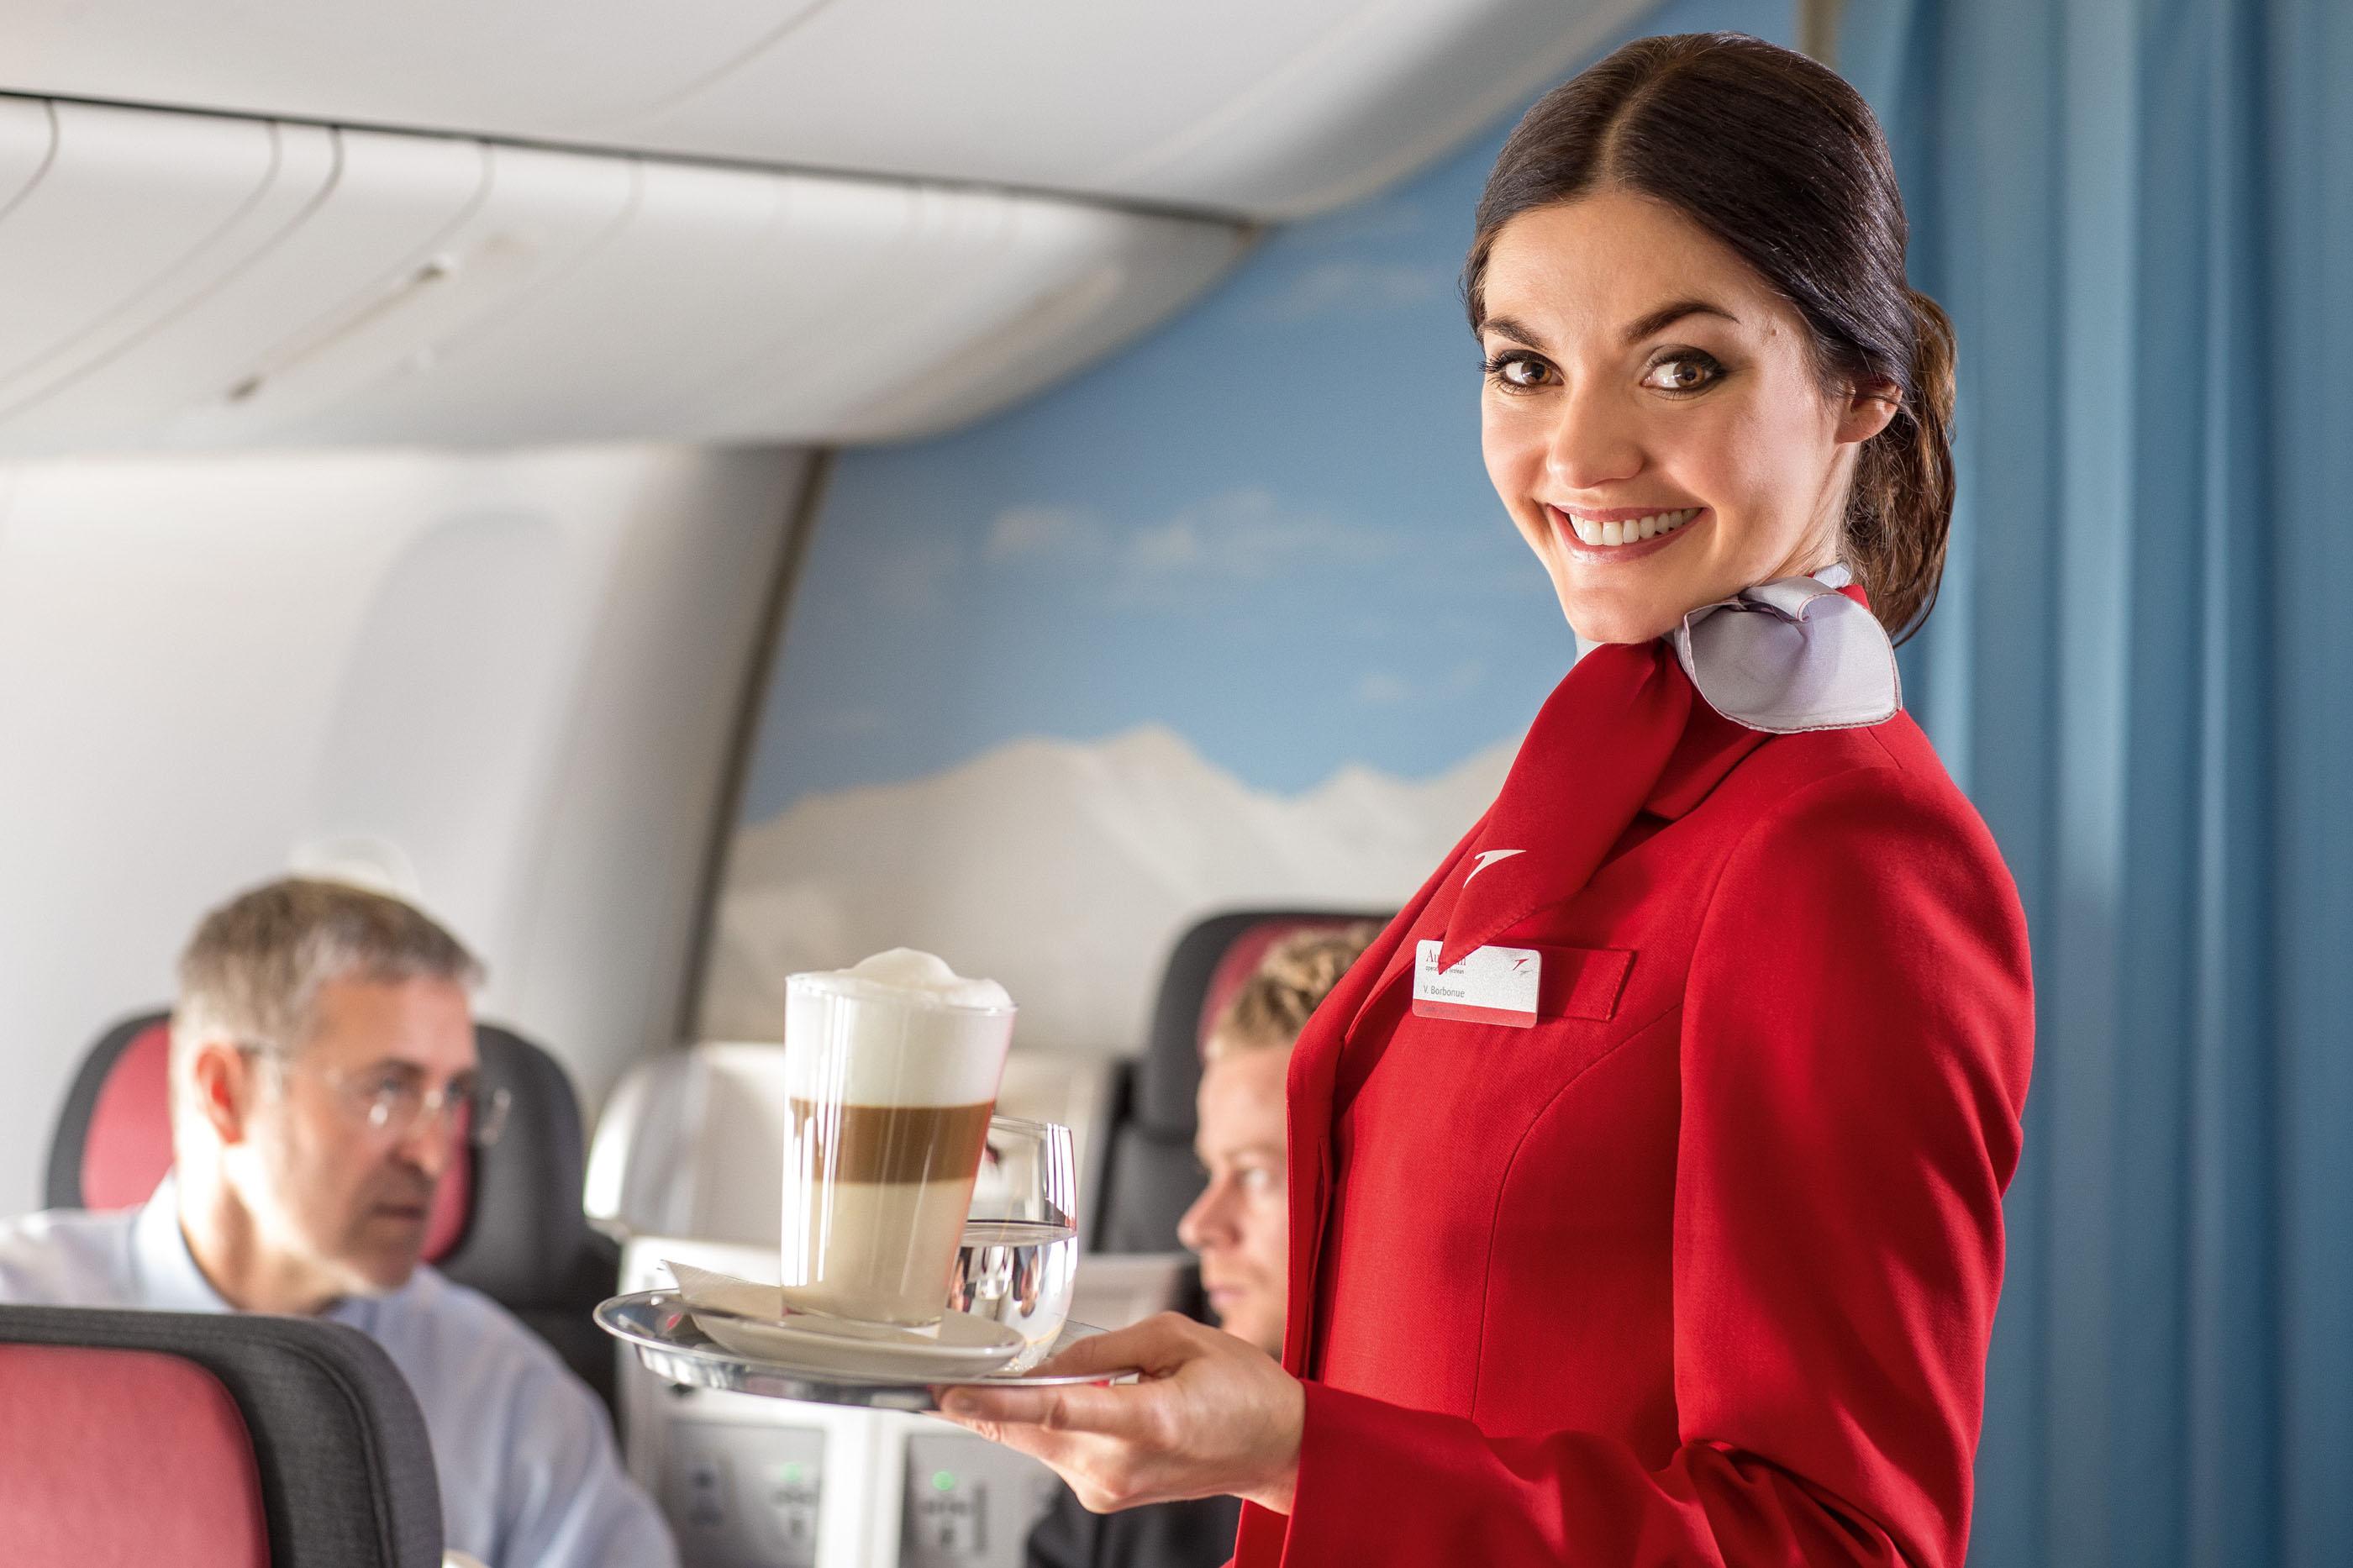 Kết quả hình ảnh cho Flight attendants